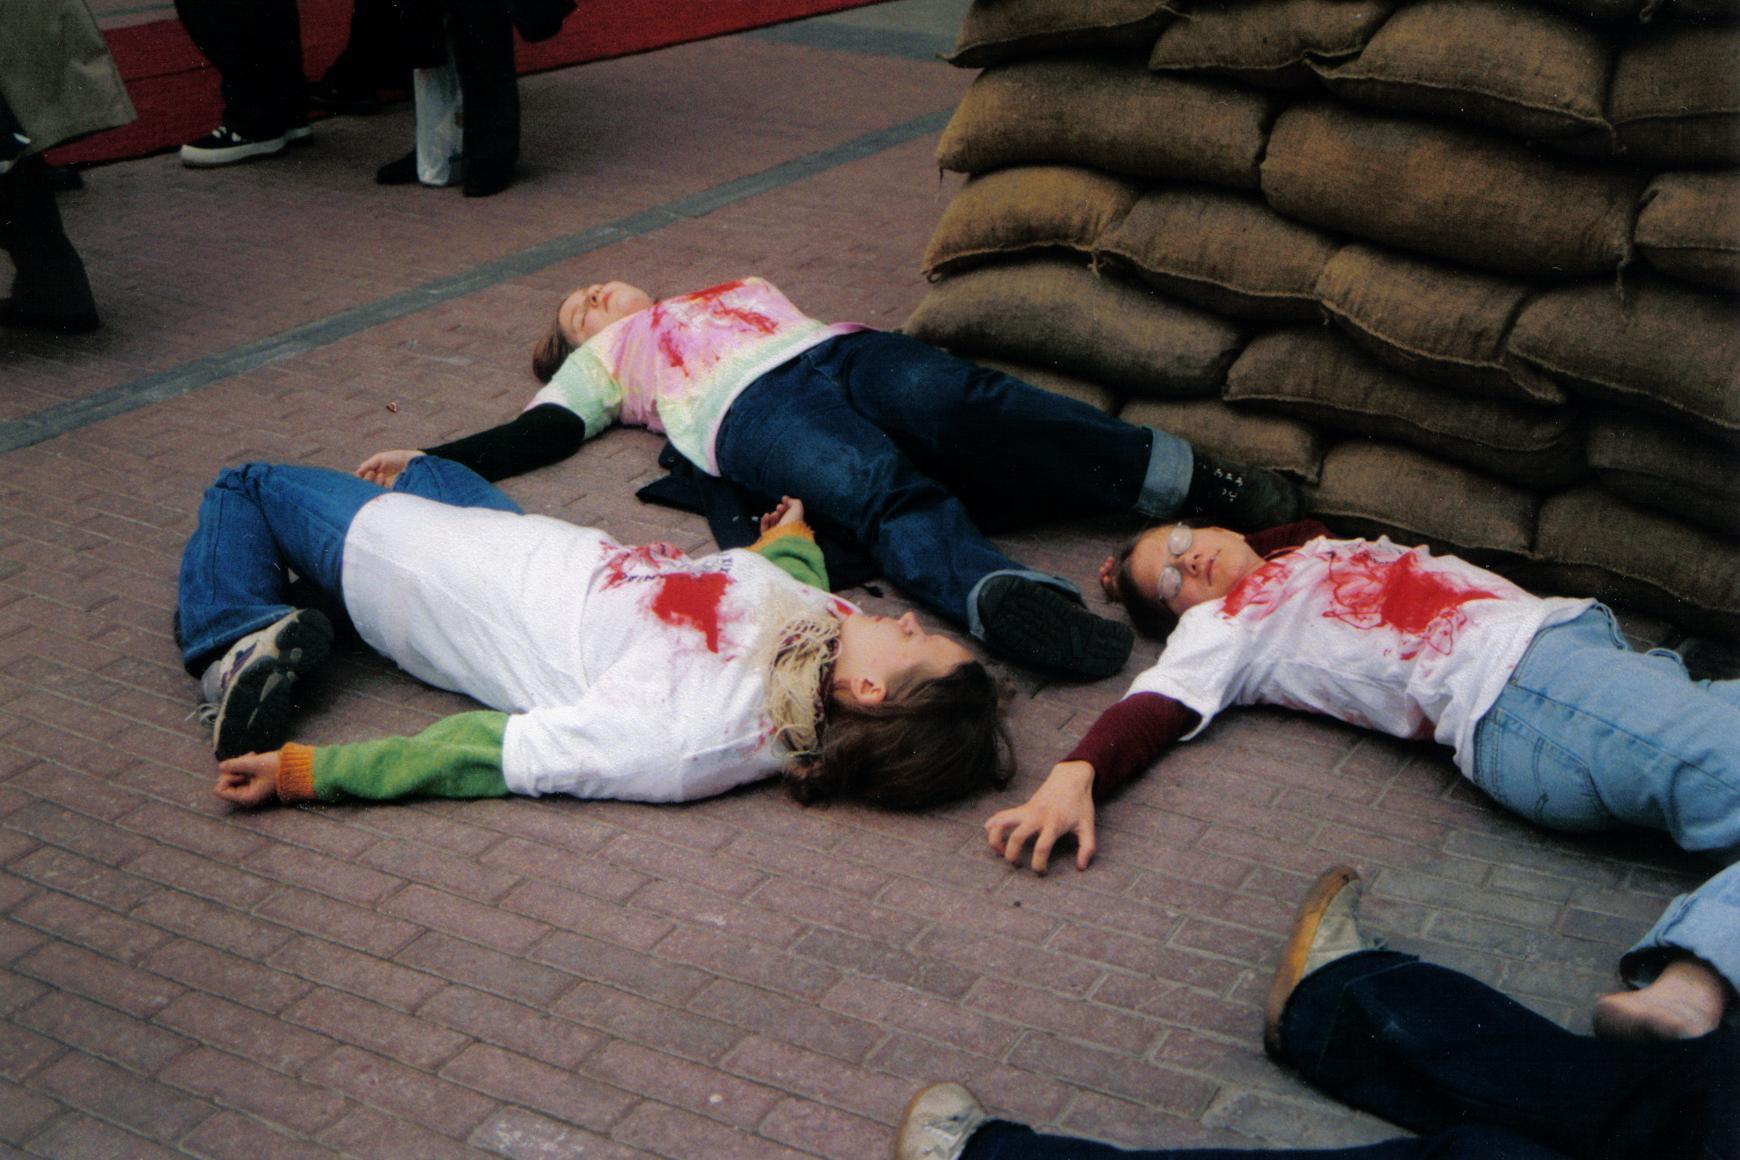 Sodan todelliset uhrit maanpuolustusmessujen sisäänkäynnin edessä.